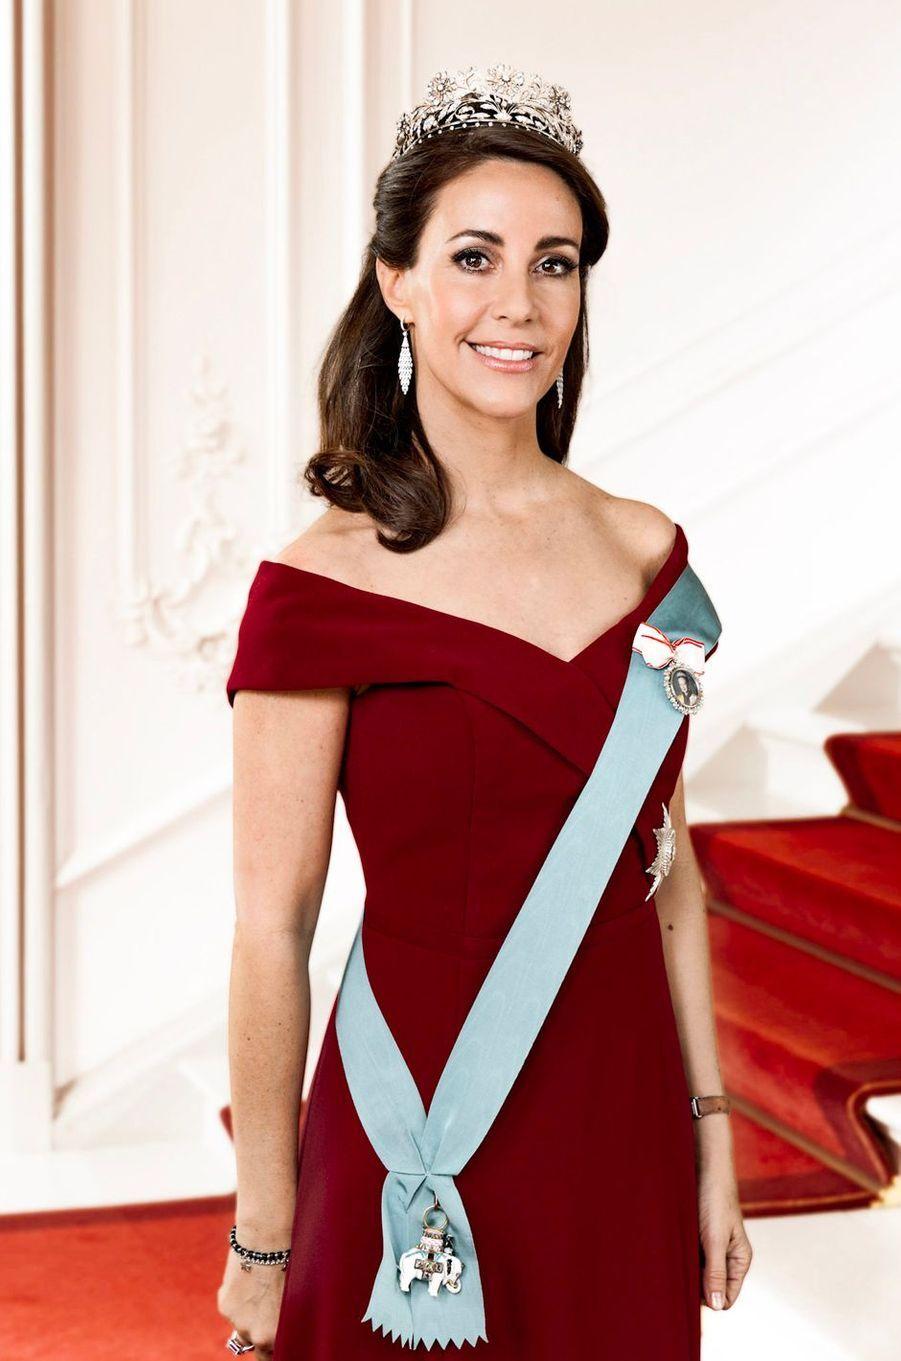 Nouveau portrait officiel de la princesse Marie de Danemark, diffusé le 1er juillet 2019